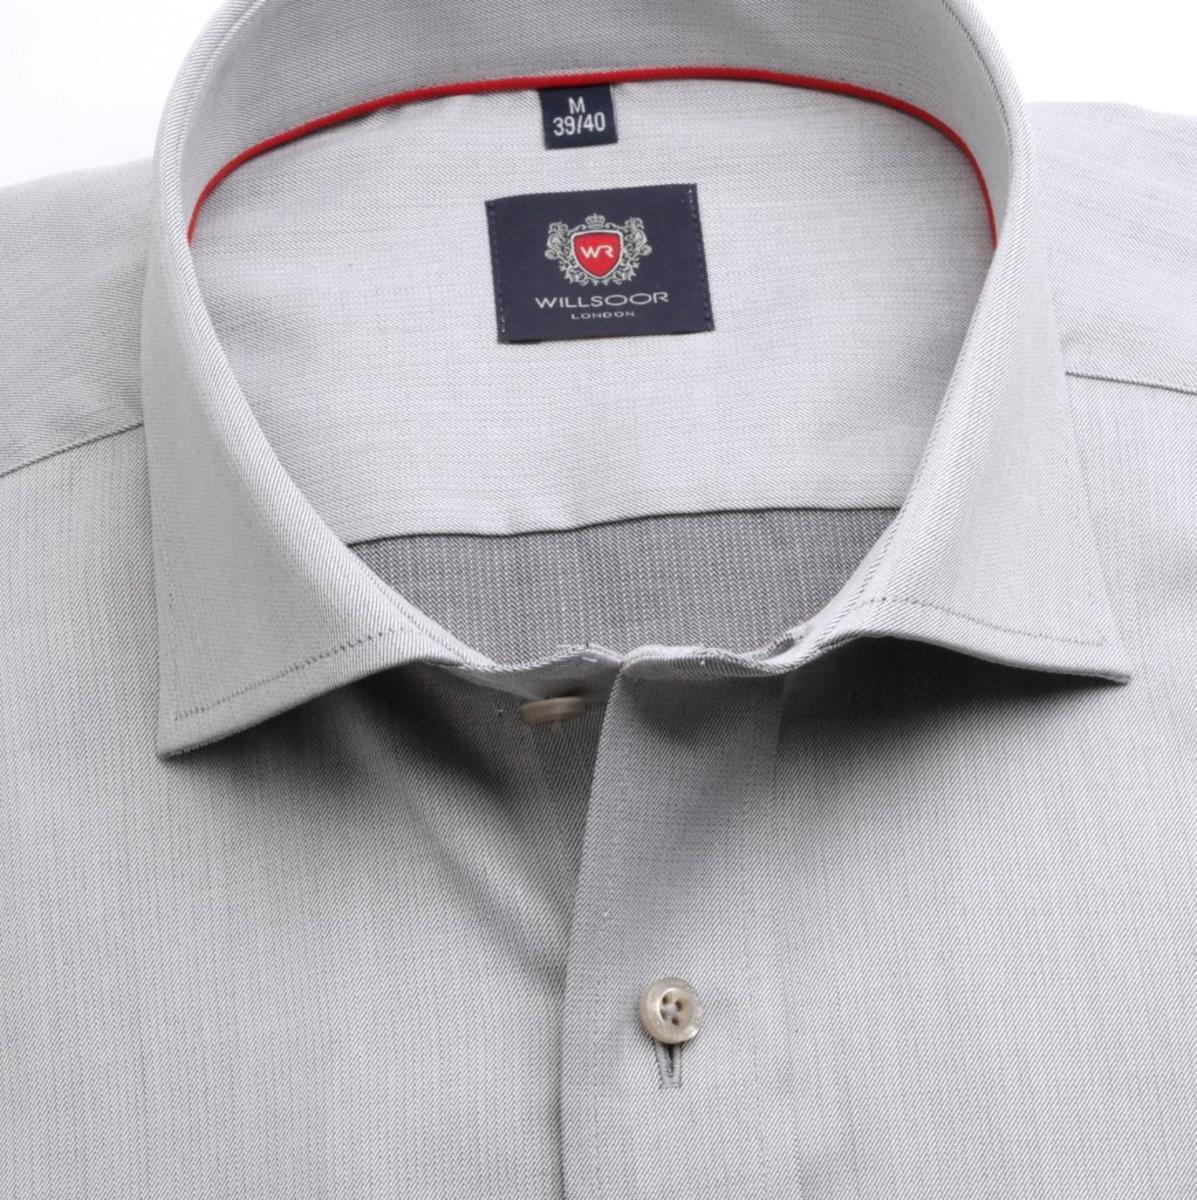 Pánská klasická košile London (výška 188-194) 6697 v šedé barvě s formulí Easy Care. 188-194 / XL (43/44)